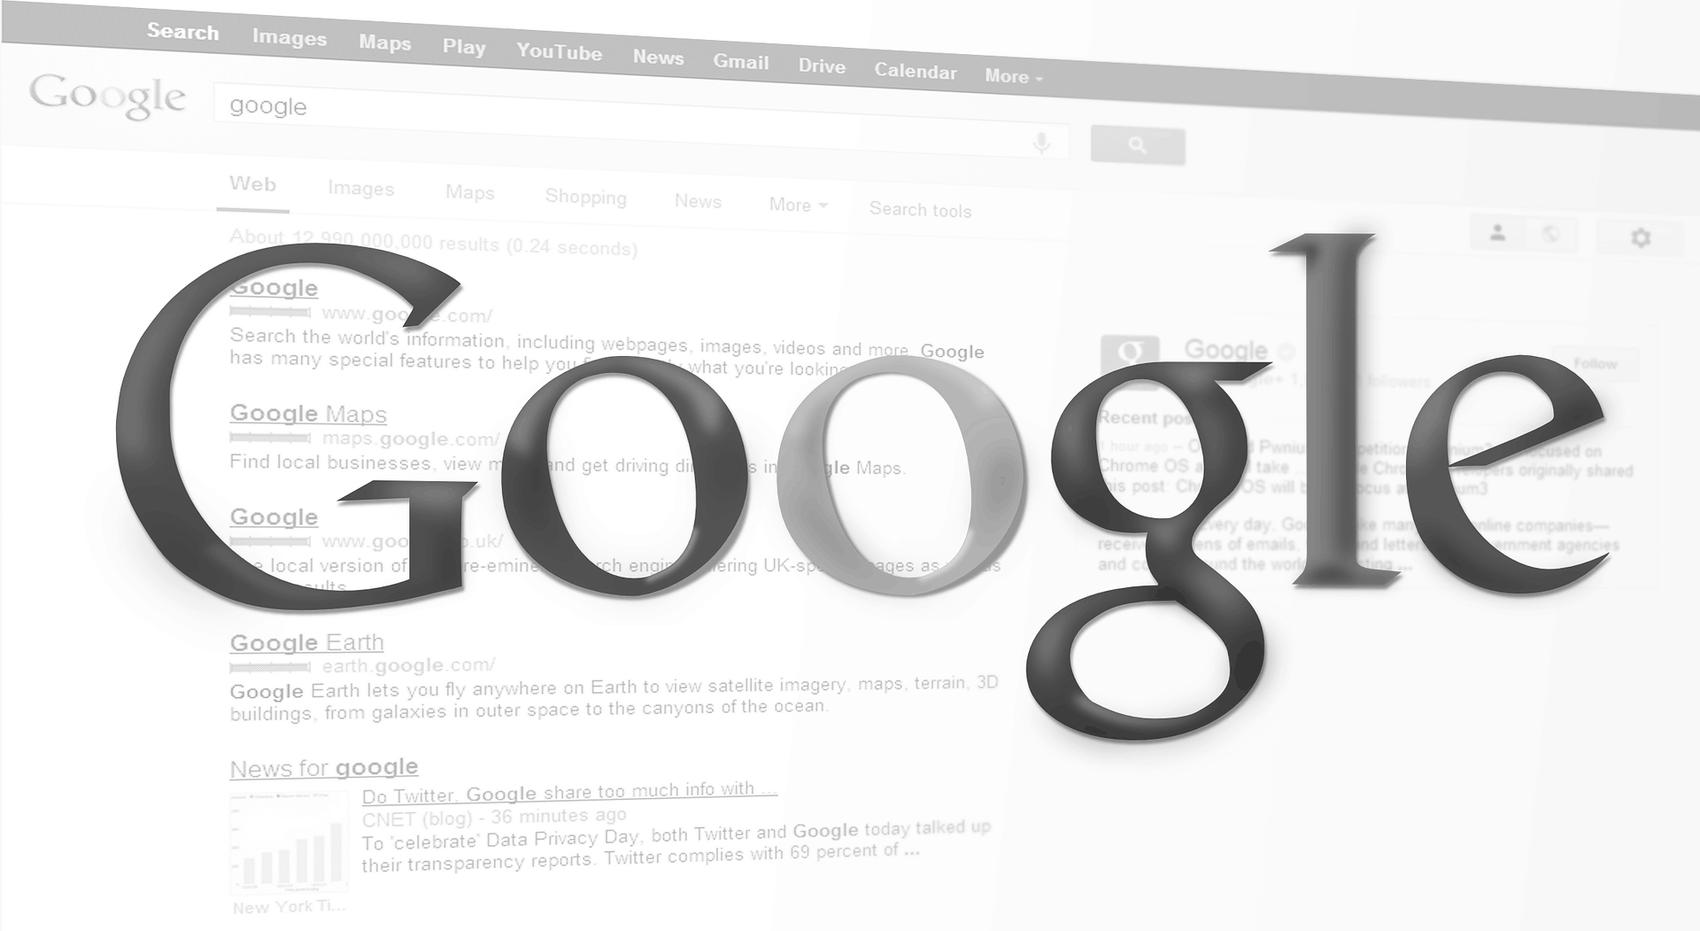 Aktualizacja wyszukiwania Google ma na celu wyświetlanie bardziej zróżnicowanych wyników z różnych nazw domen